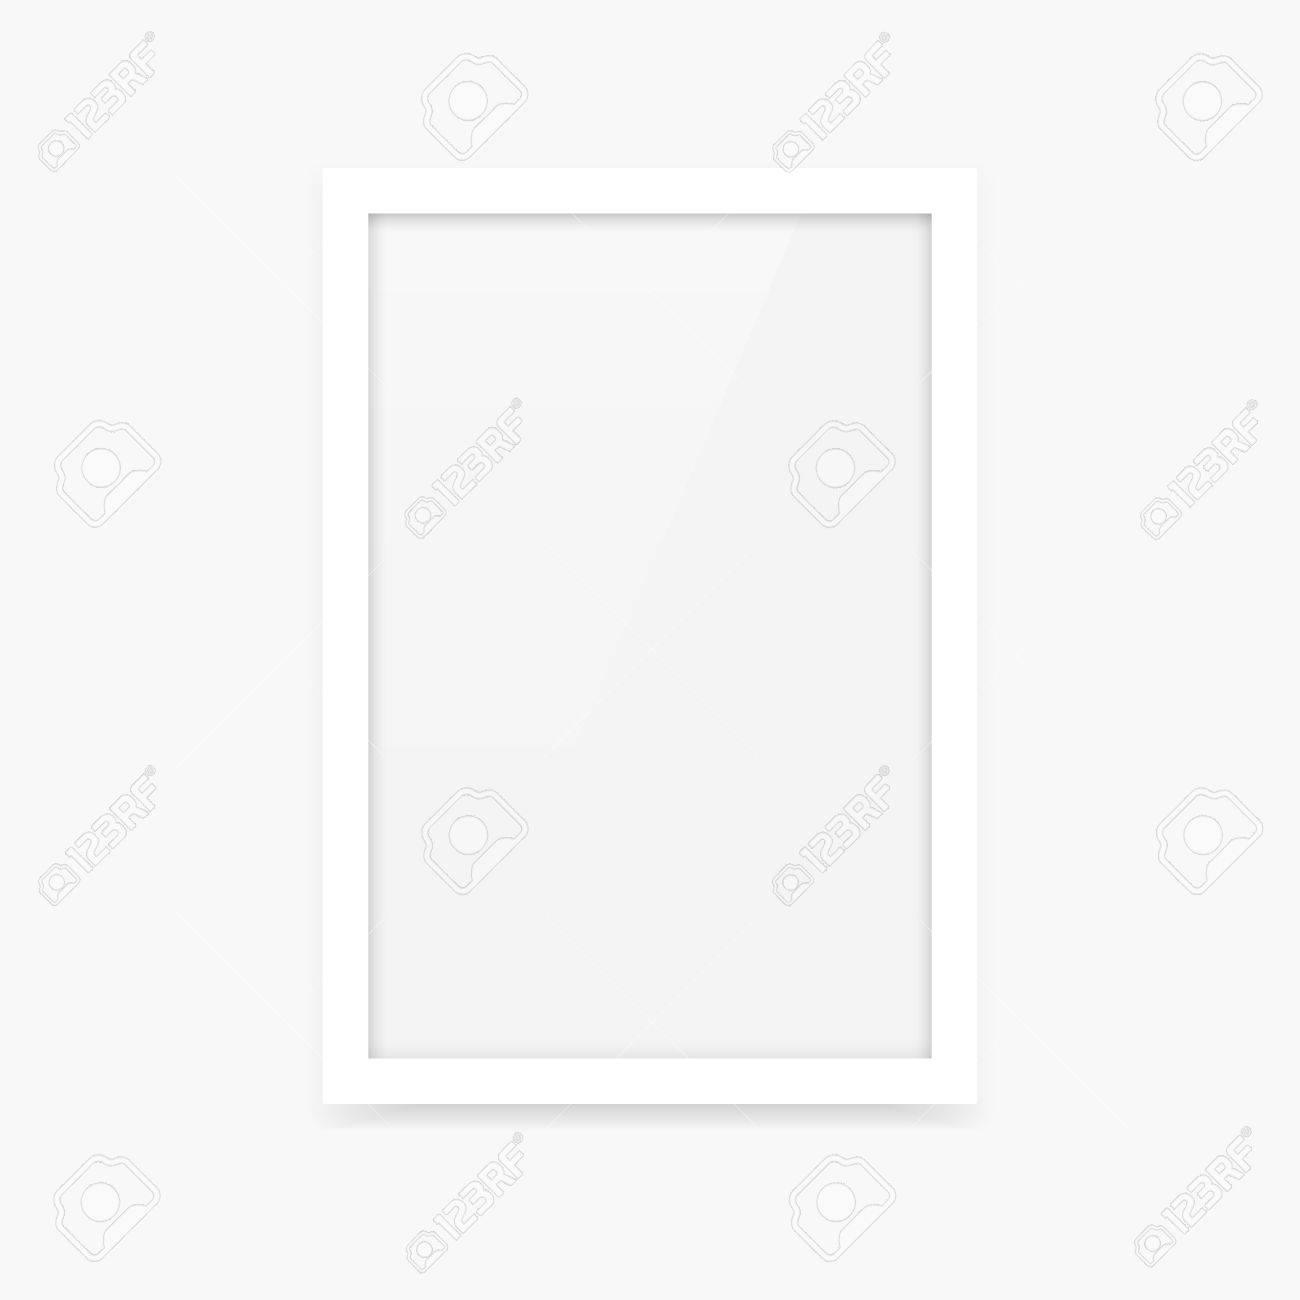 Fein 2x3 Bildrahmen Galerie - Benutzerdefinierte Bilderrahmen Ideen ...